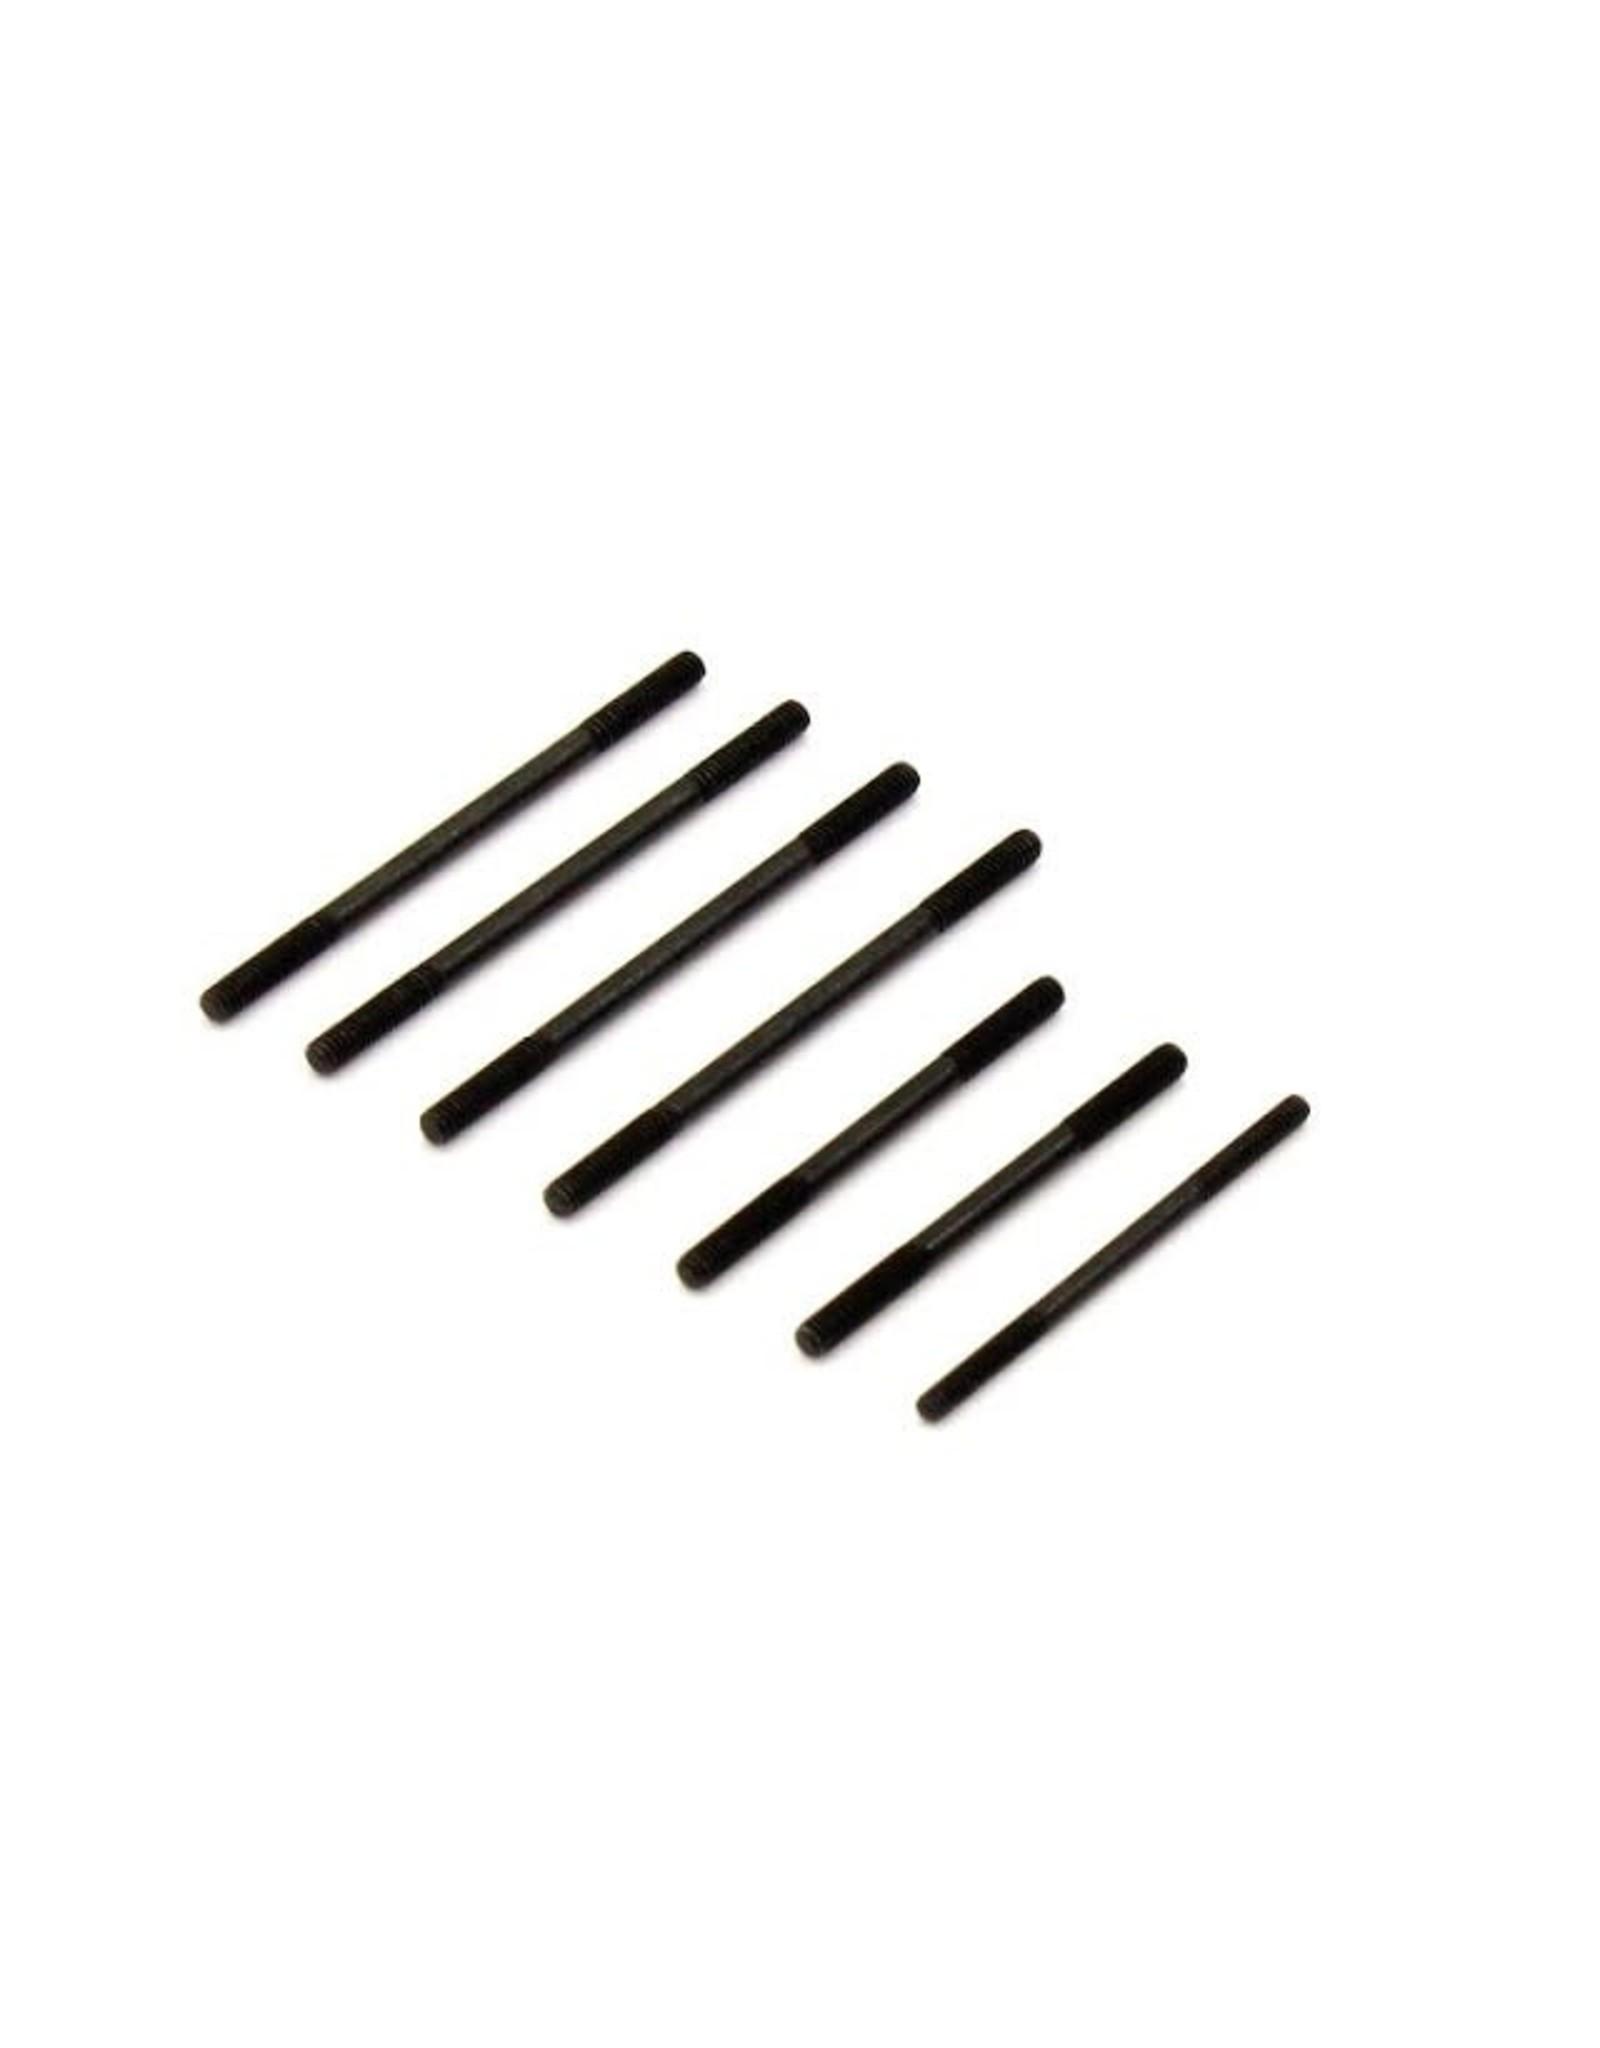 Kyosho Tie Rod Set Mx017